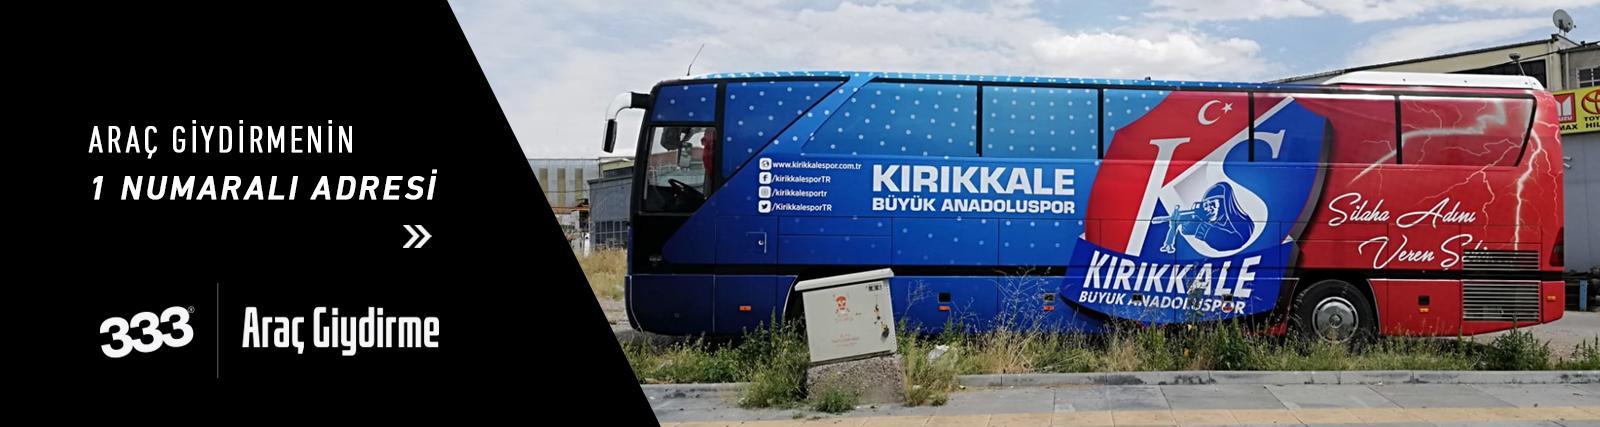 Ankara Araç Giydirme,Ticari Araç Giydirme,Ankara Araç Giydirme Firması,Otobüs Giydirme,Otomobil Giydirme,Kamyon Giydirme, Kamyonet Giydirme,Ostim